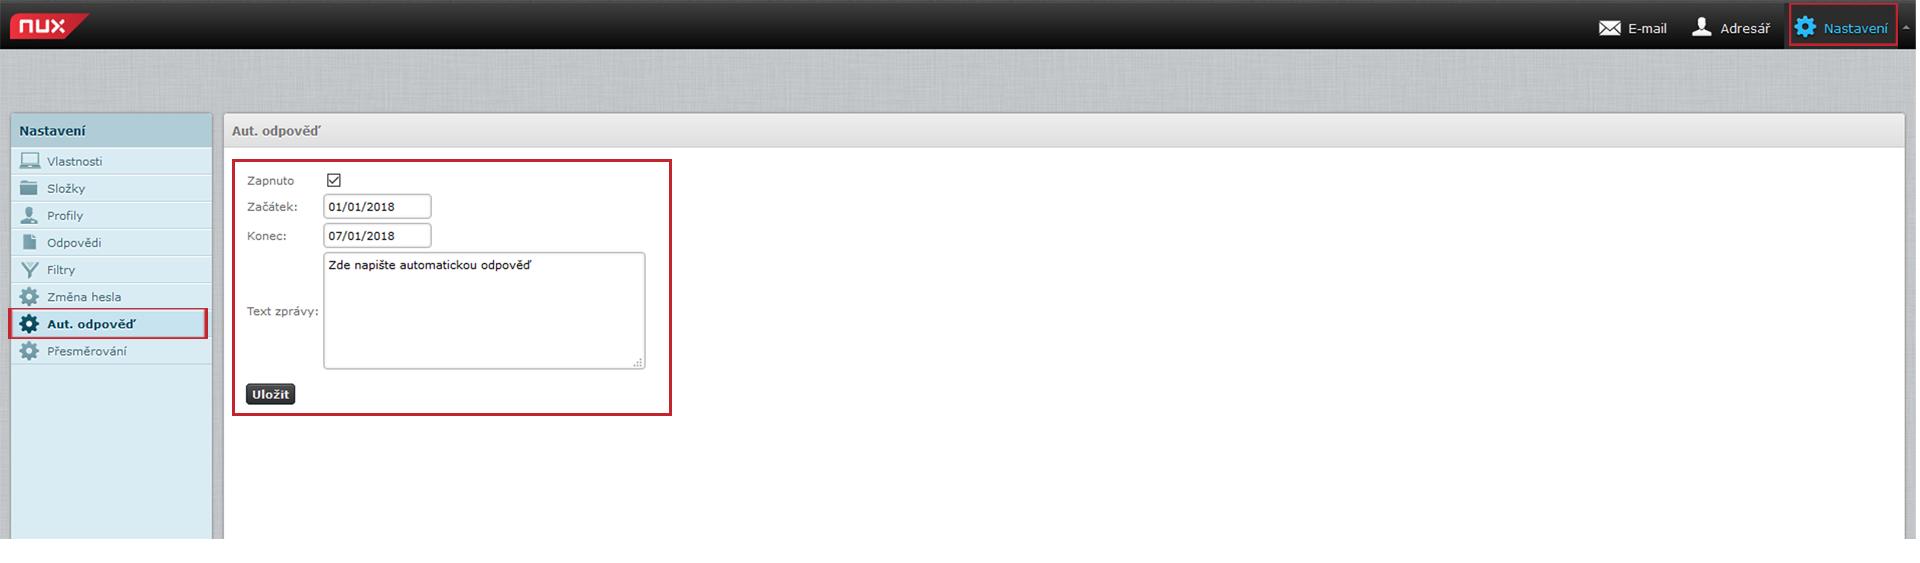 Nastavení automatické odpovědi v emailu